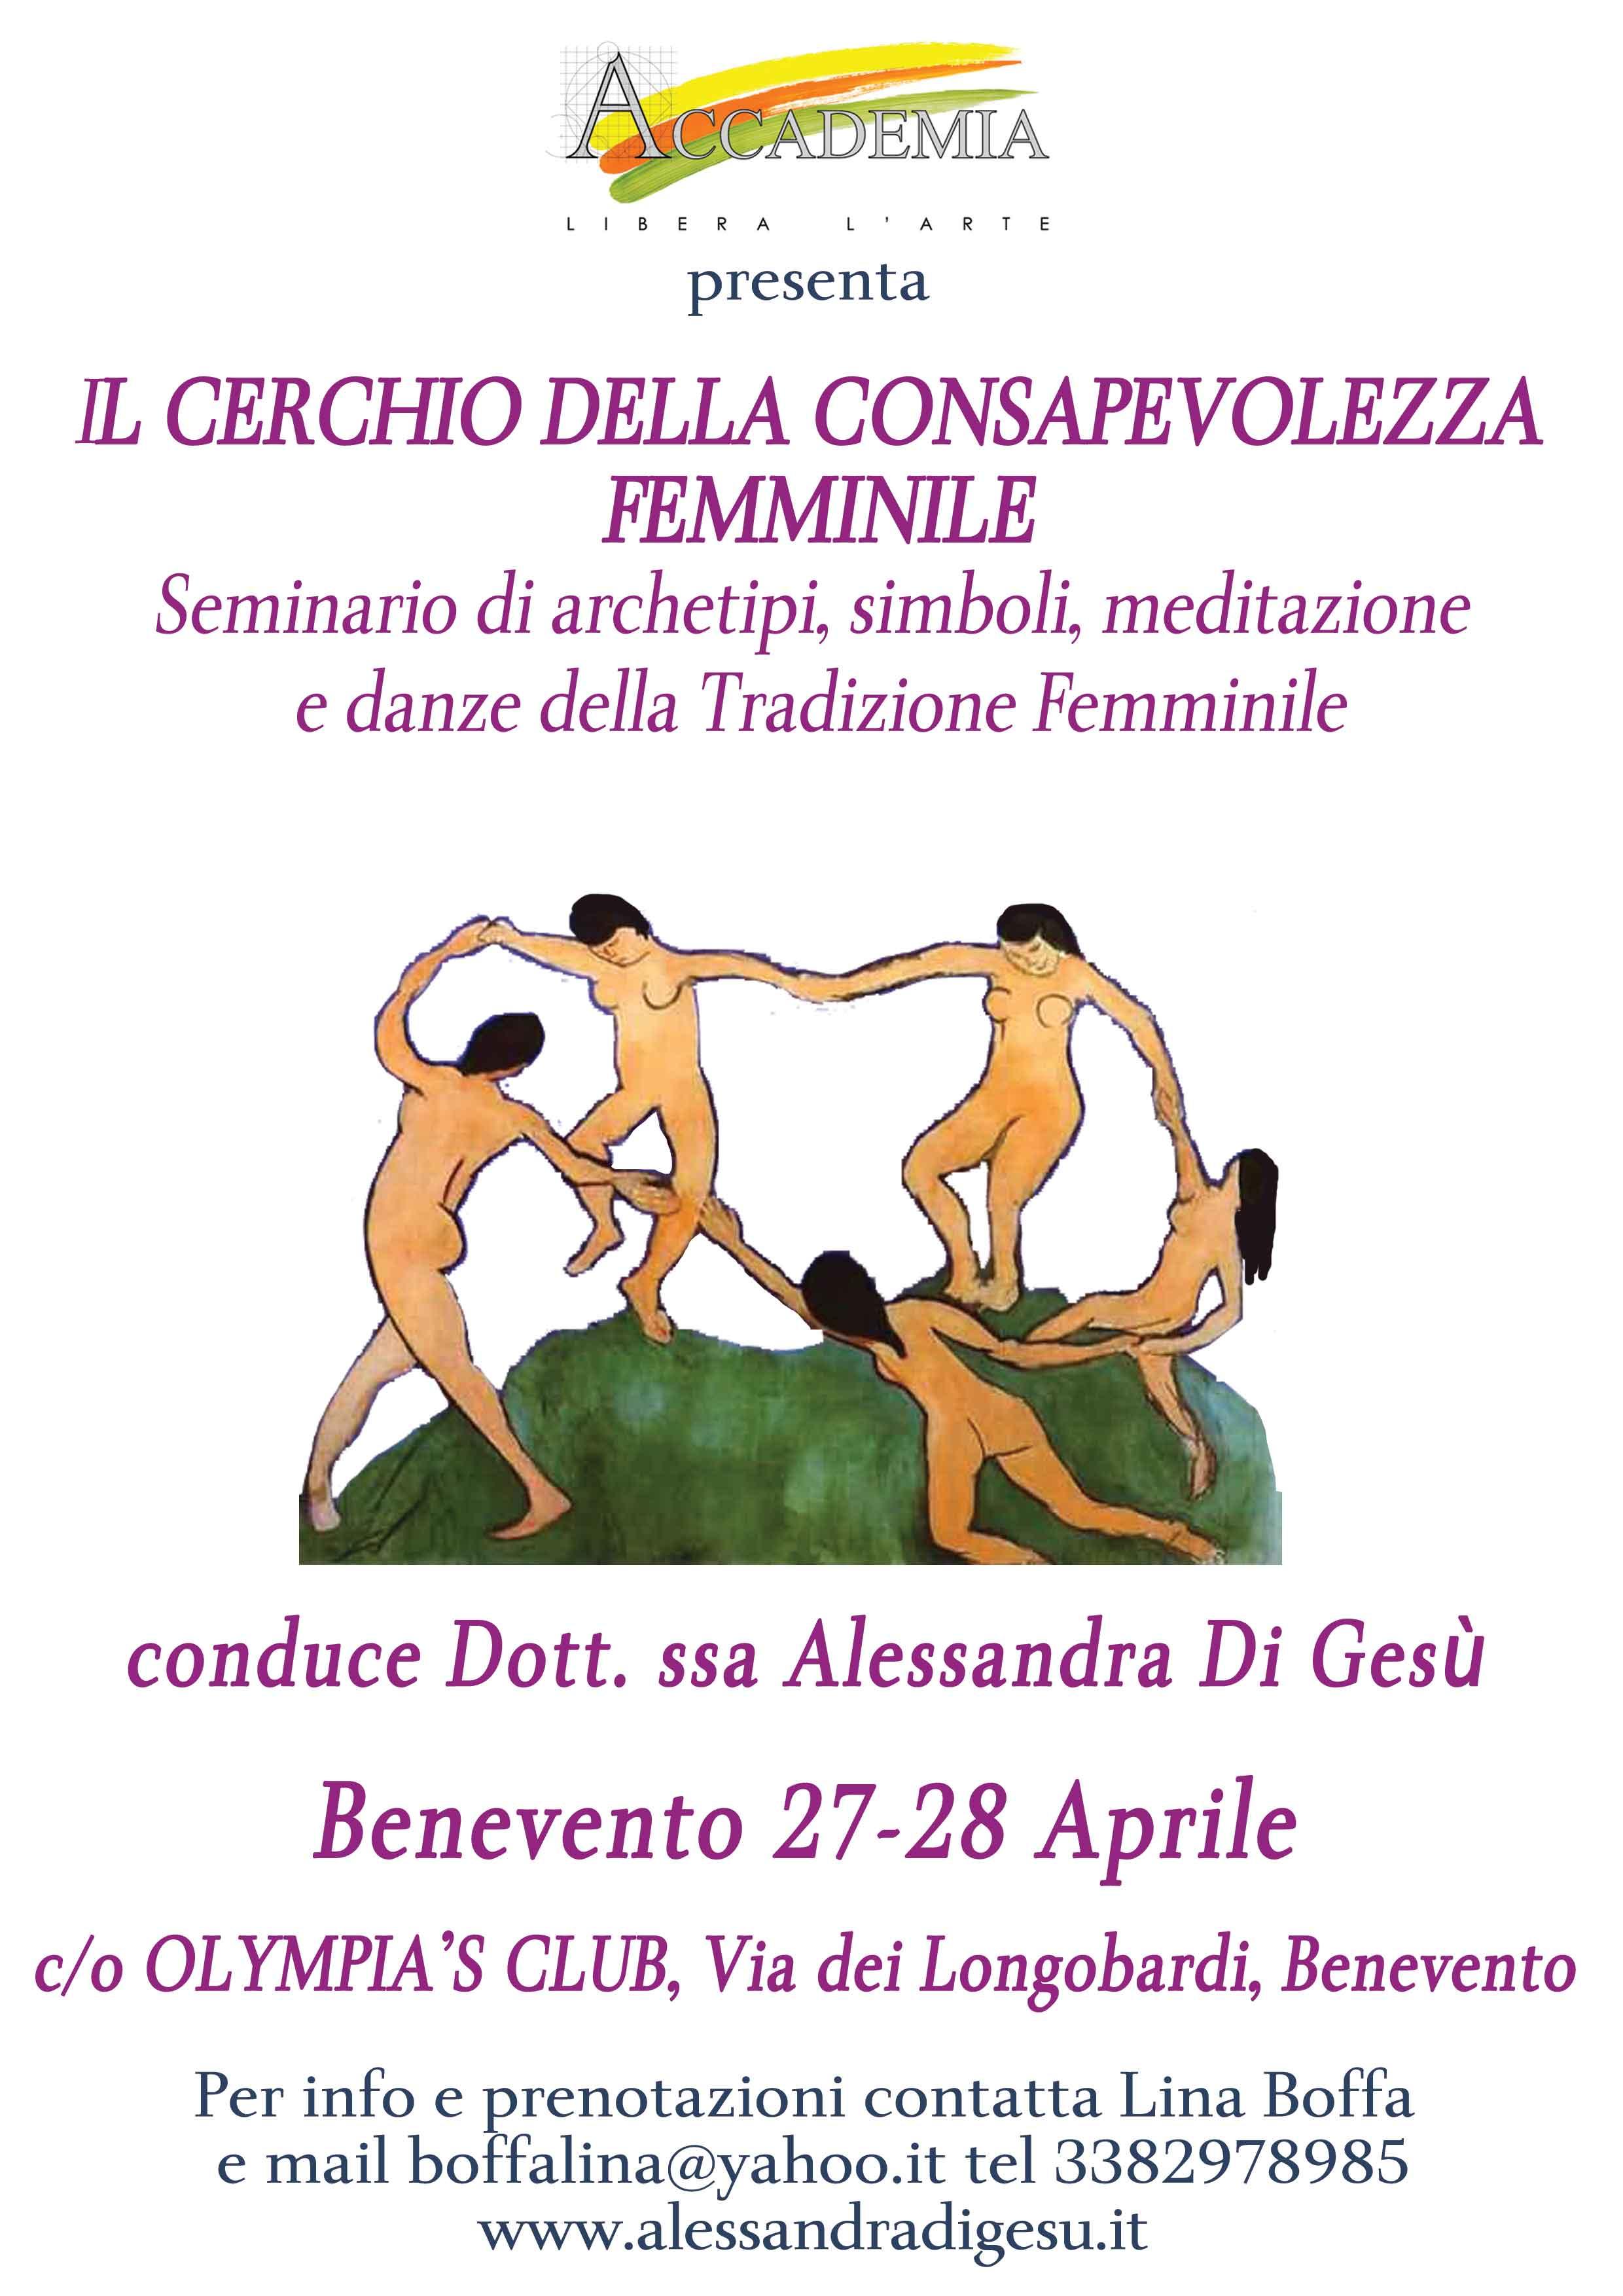 COnsapevolezza Femminile Seminario-Benevento